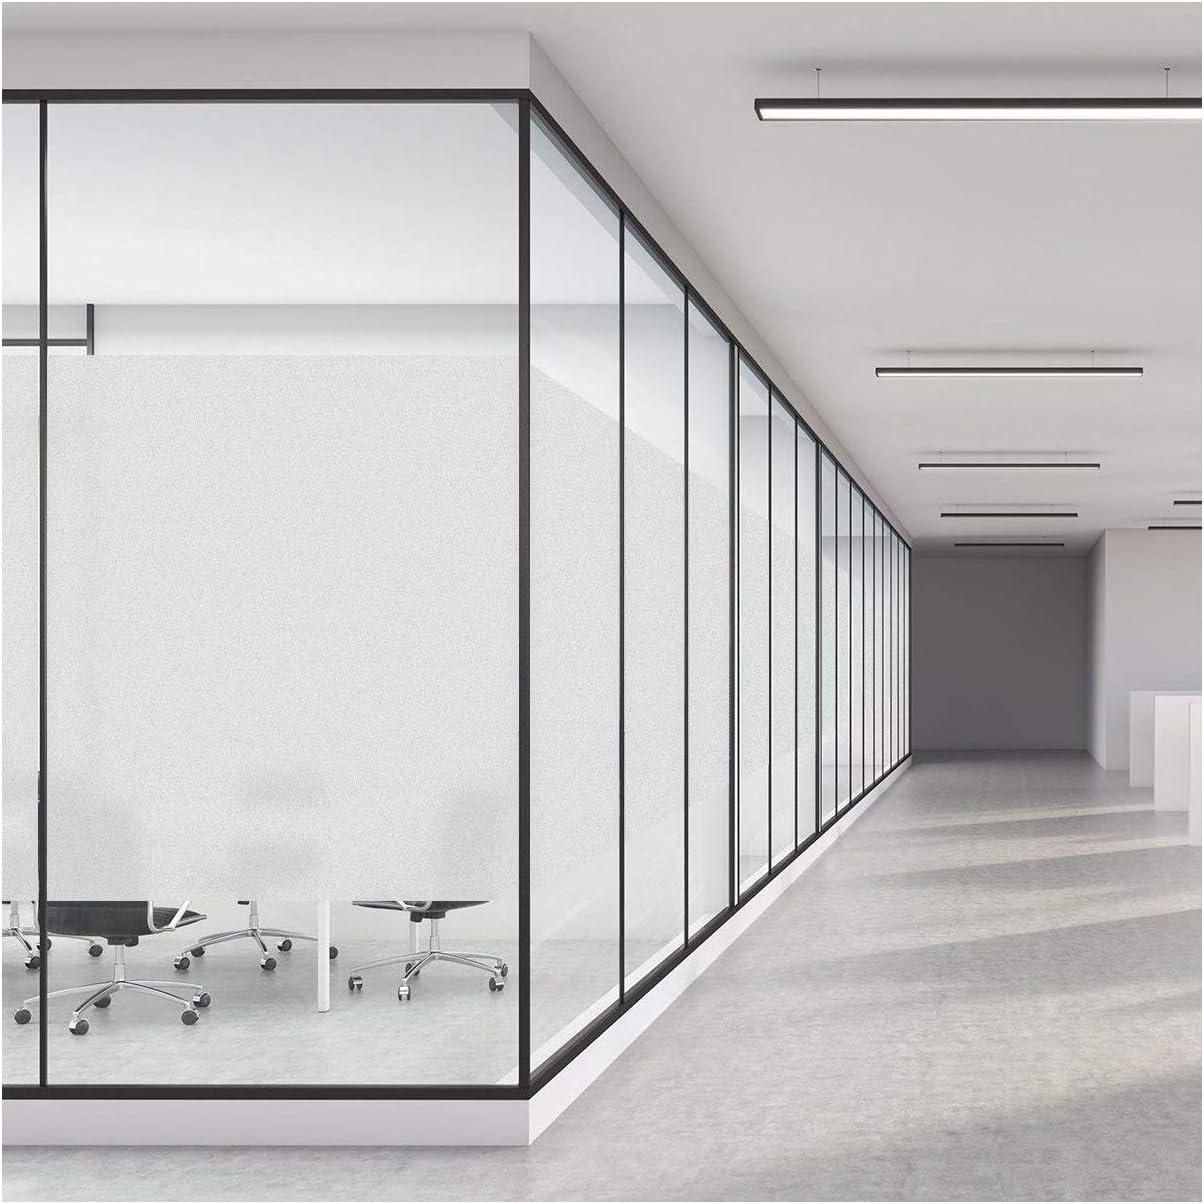 Ambiance Sticker Window Privacy Film No adhesivo, Películas de vidrio de ventana esmerilada para la oficina del baño en el hogar, Etiqueta de ventana opaca extraíble, Blanco mate 45 x 200CM: Amazon.es: